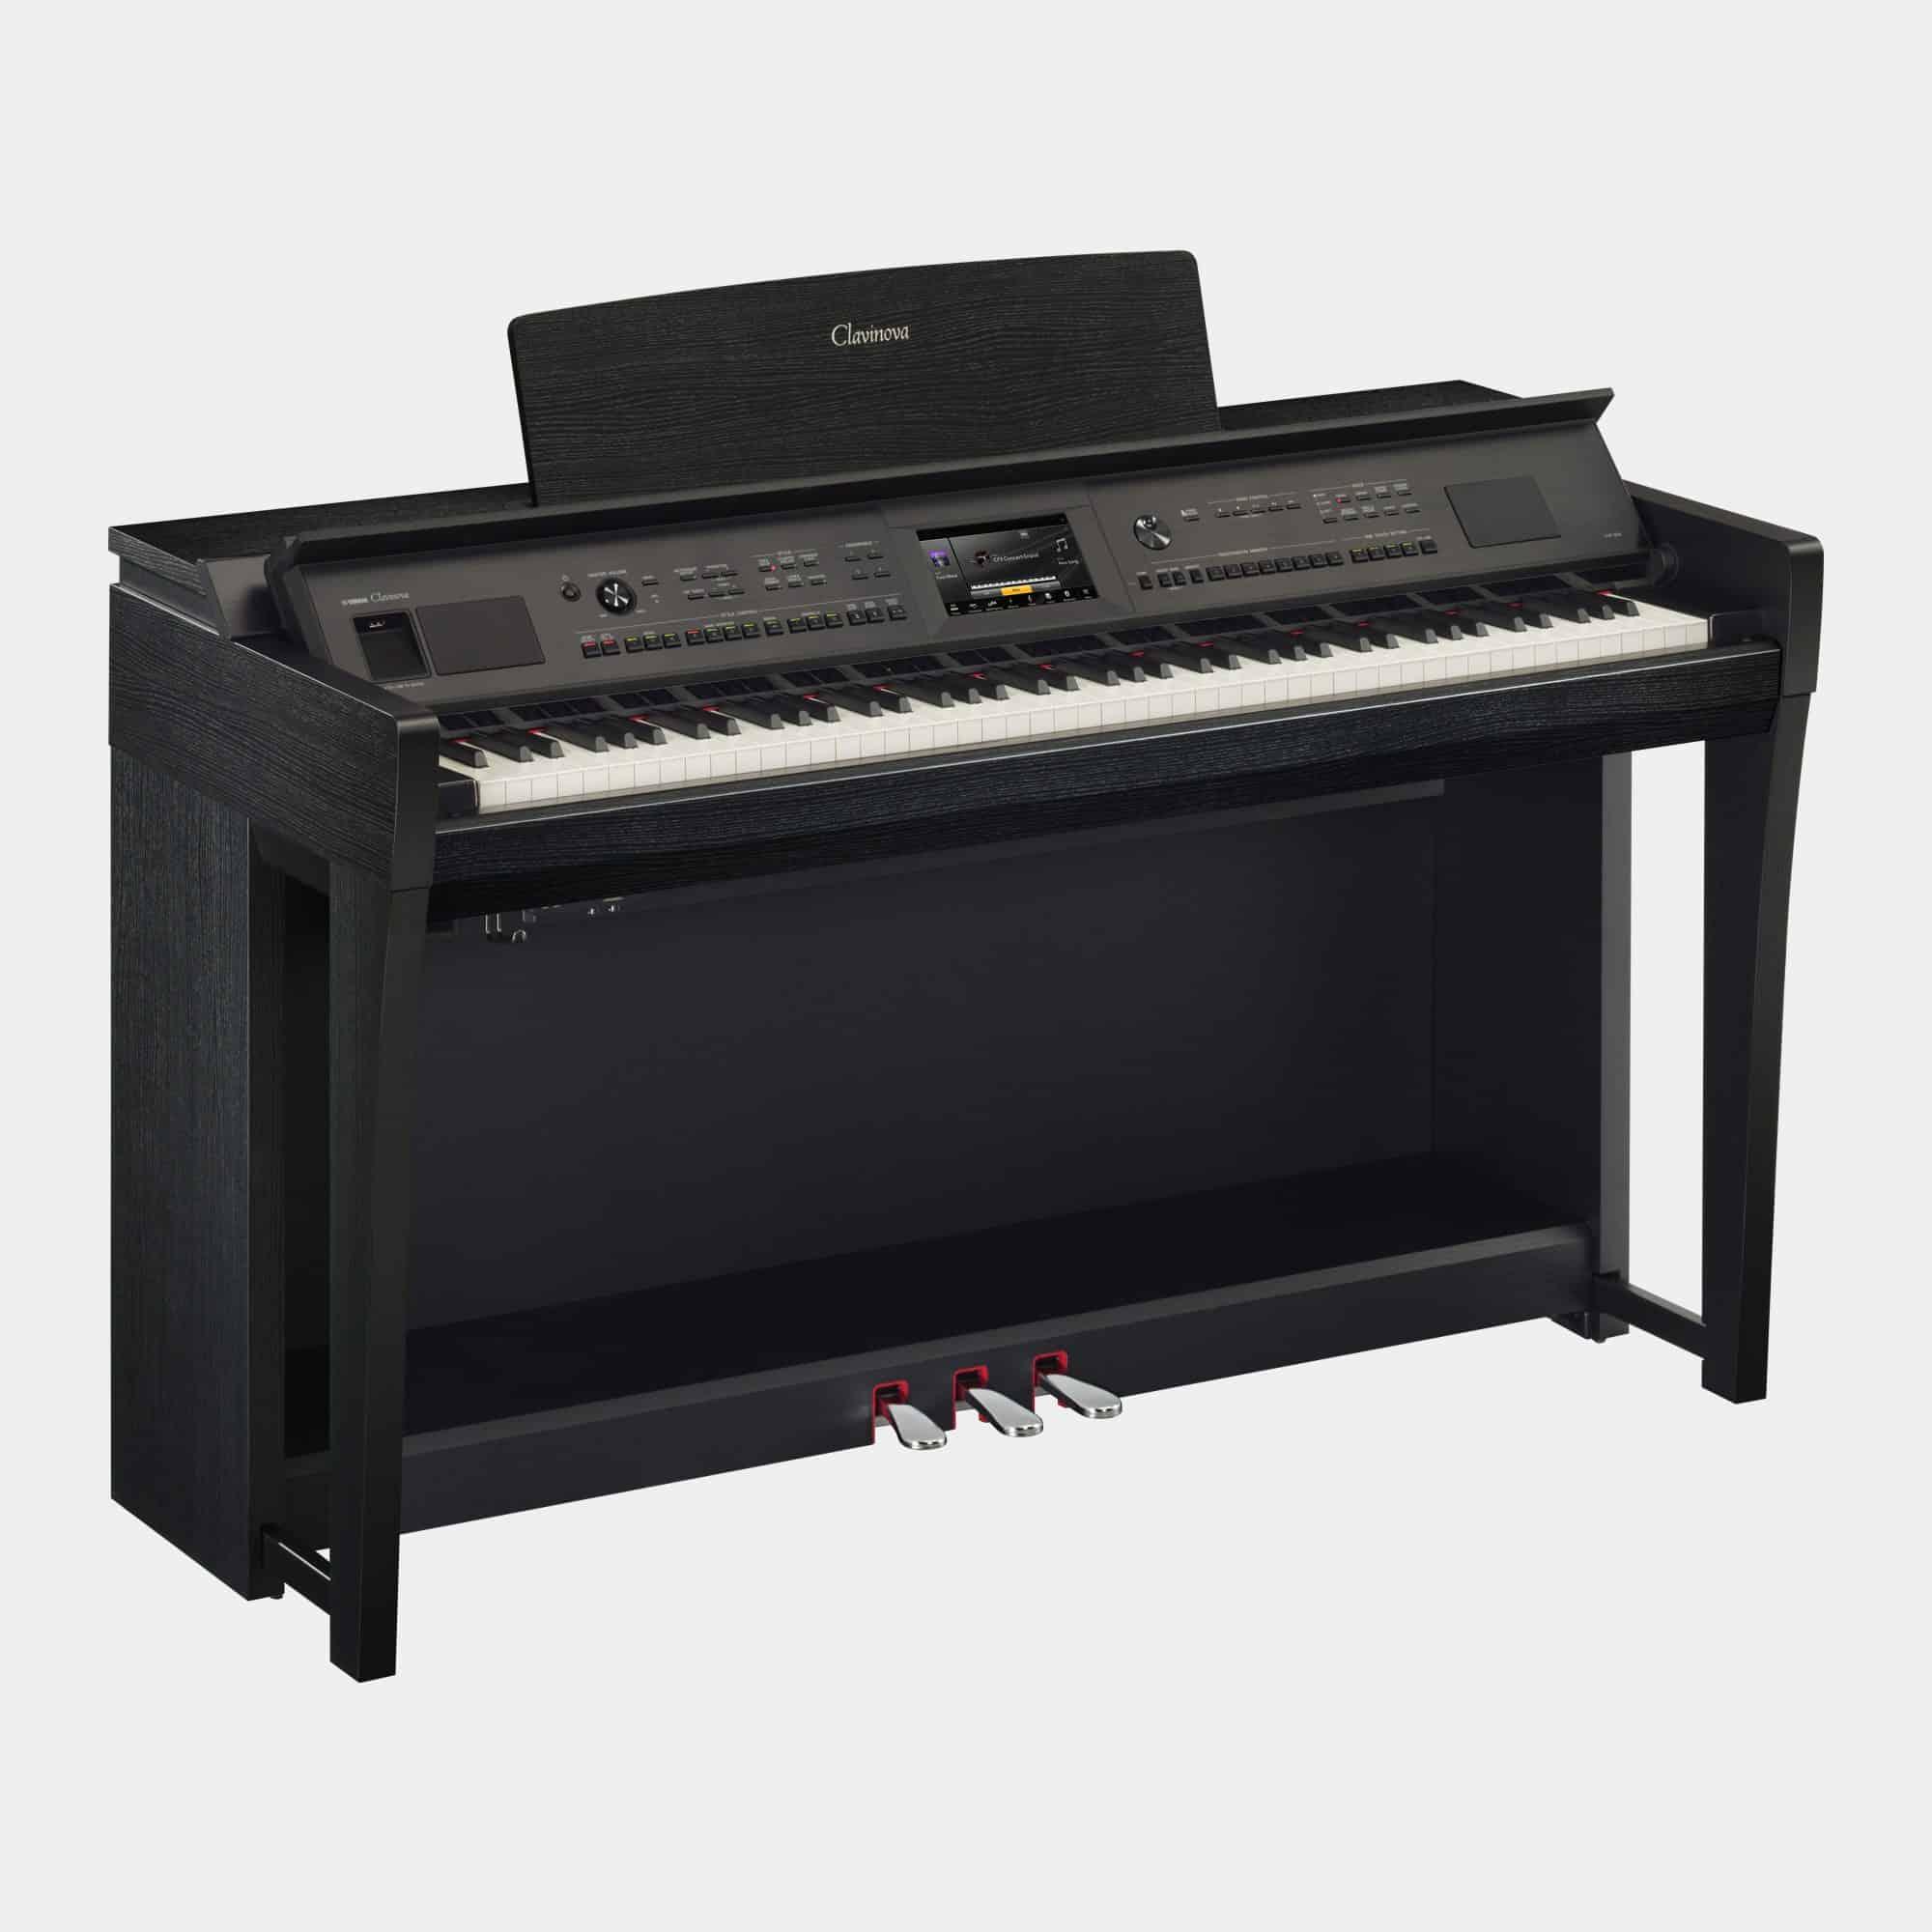 Yamaha CVP-805 Clavinova Digital Piano - Piano Gallery